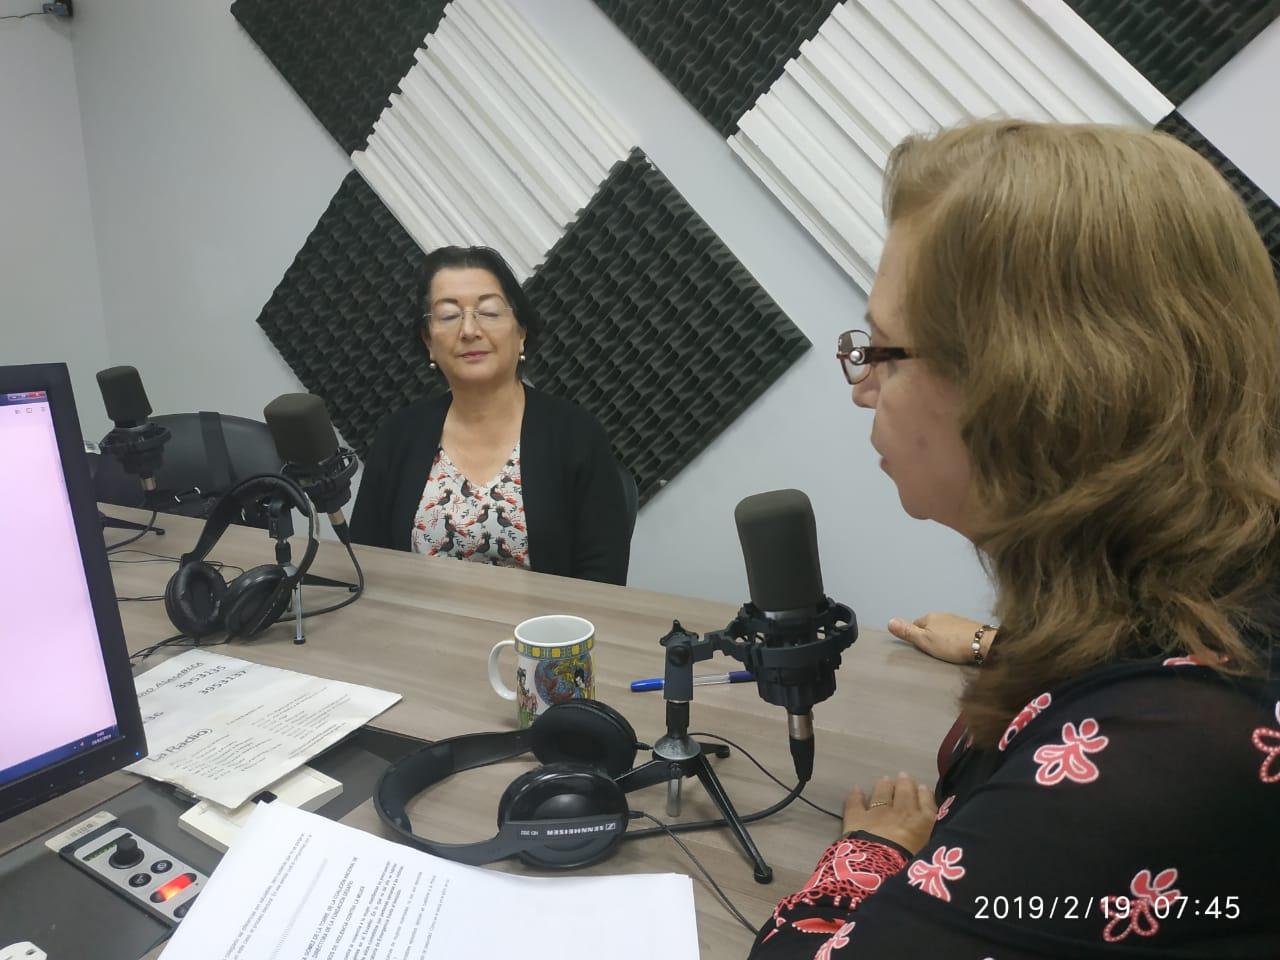 Virginia Gómez De la Torre - Coalición Nacional de Mujeres: Violencia de género